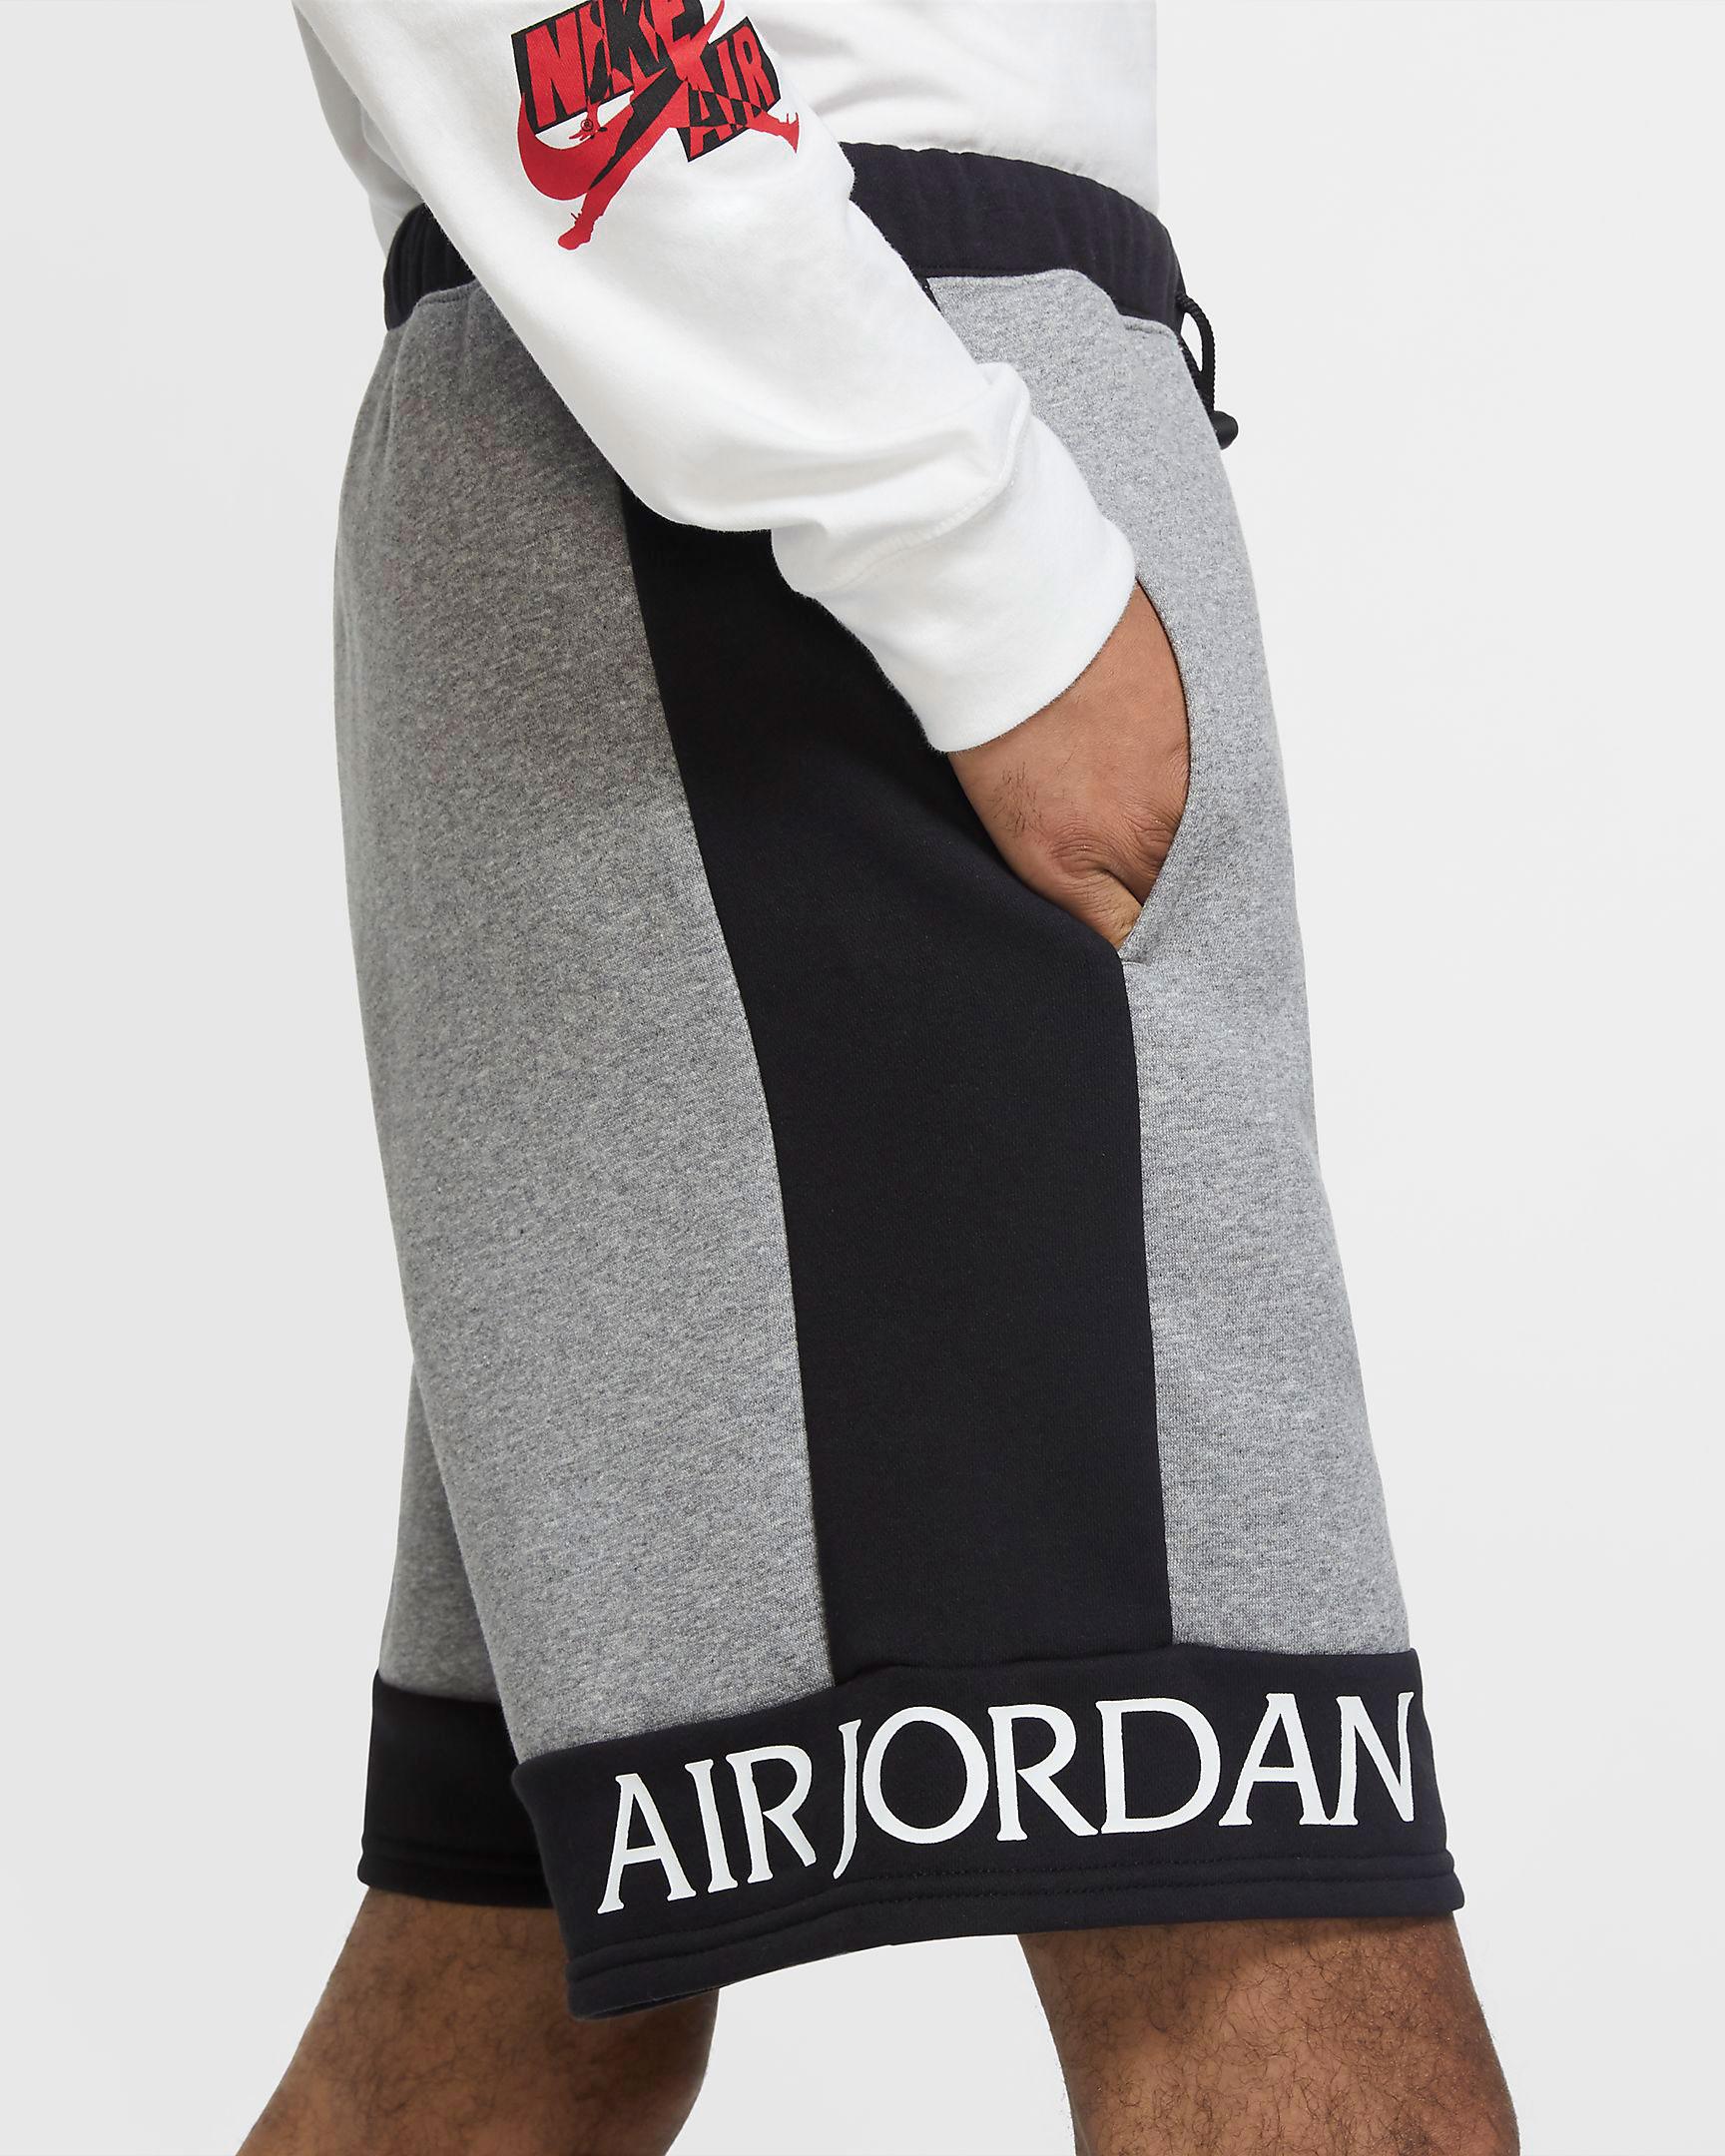 air-jordan-3-blue-cement-shirts-match-2